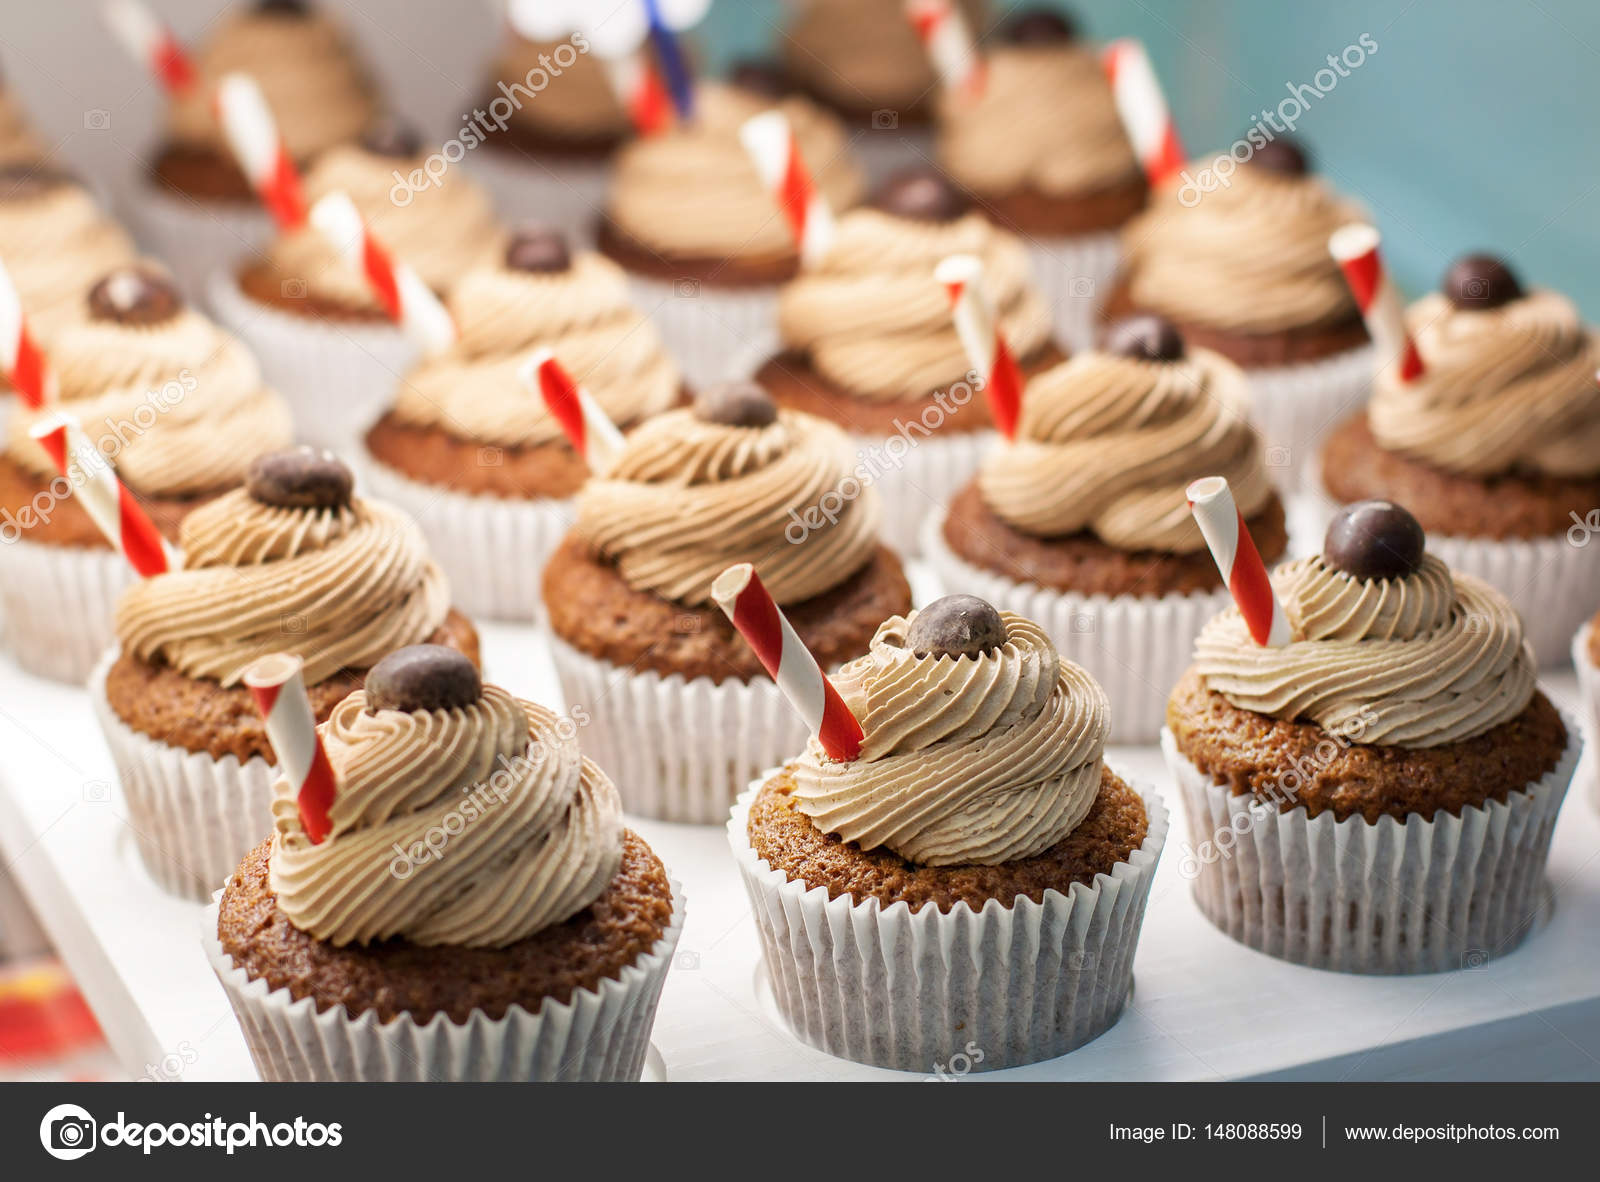 Imágenes Cupcakes Decorados Con Chocolate Chocolate